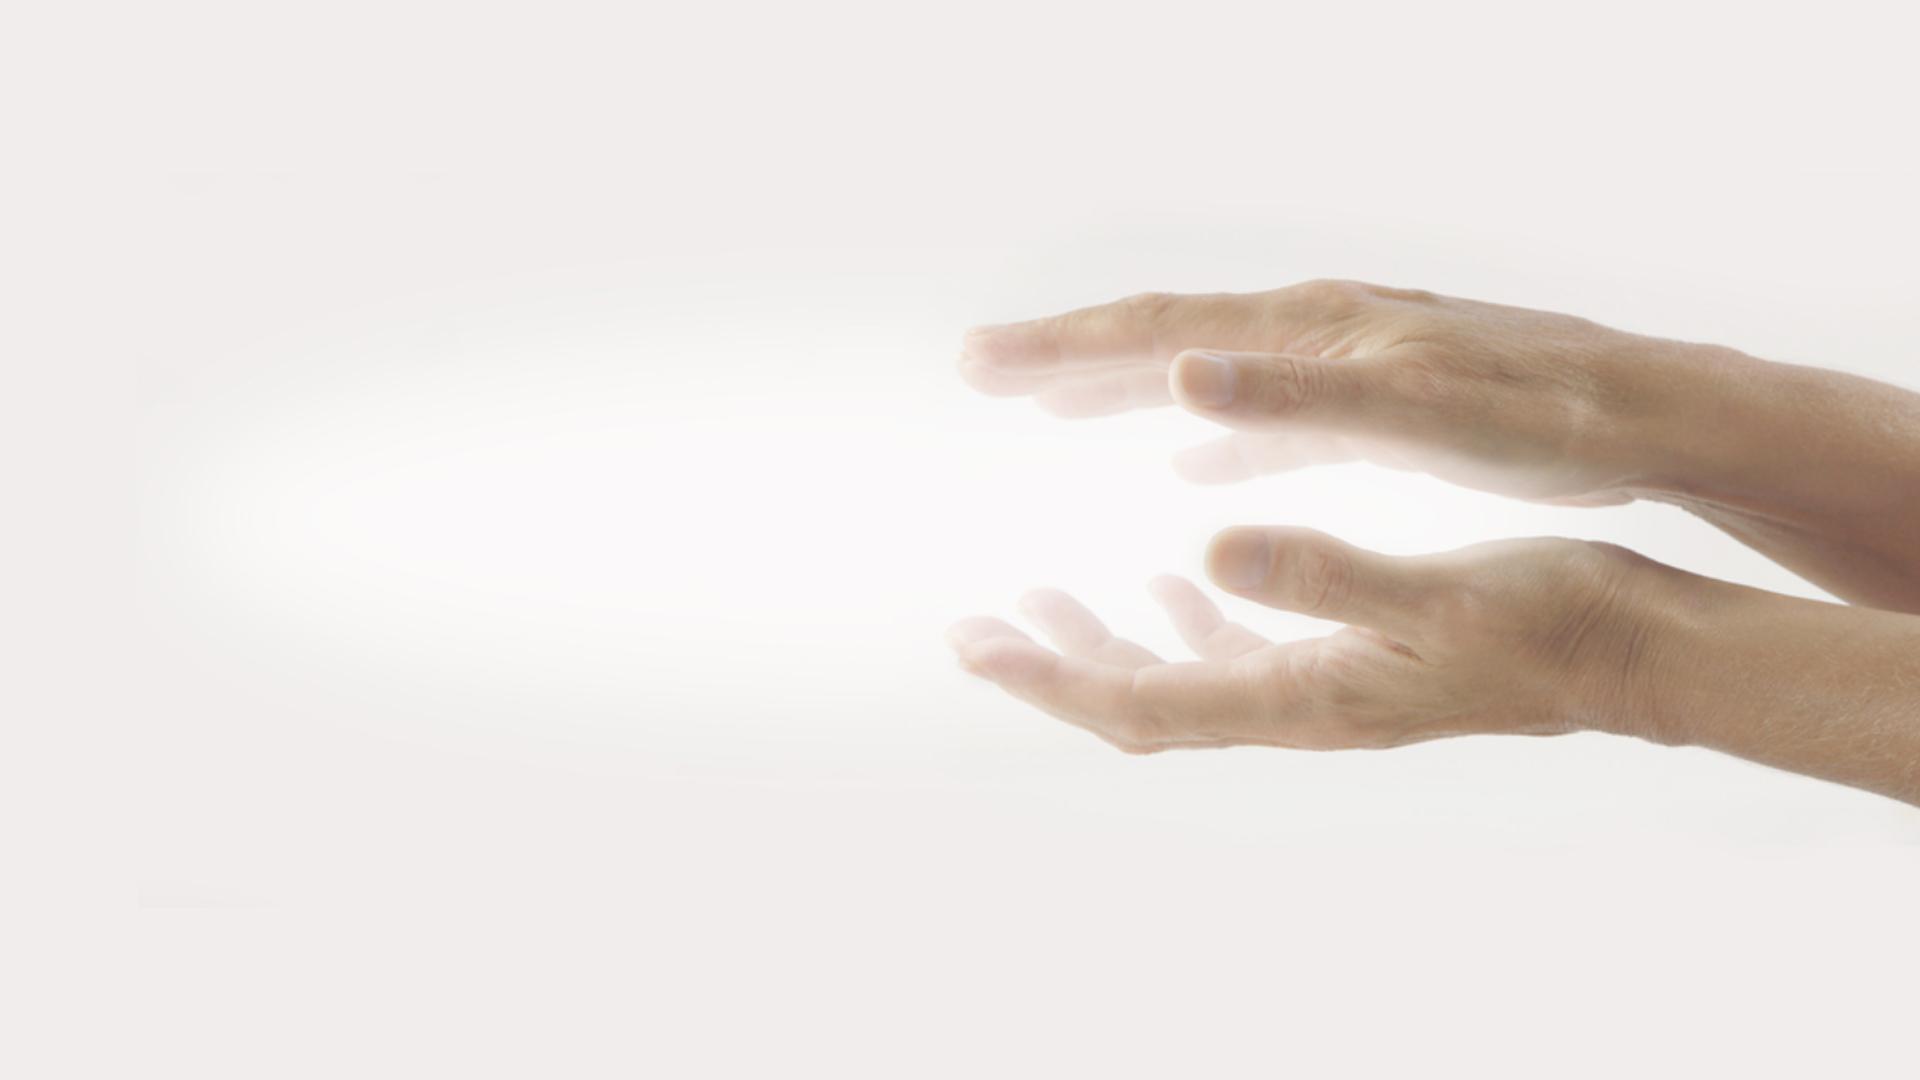 Terapias integrativas e psicobioenergética: o que são e para que servem?